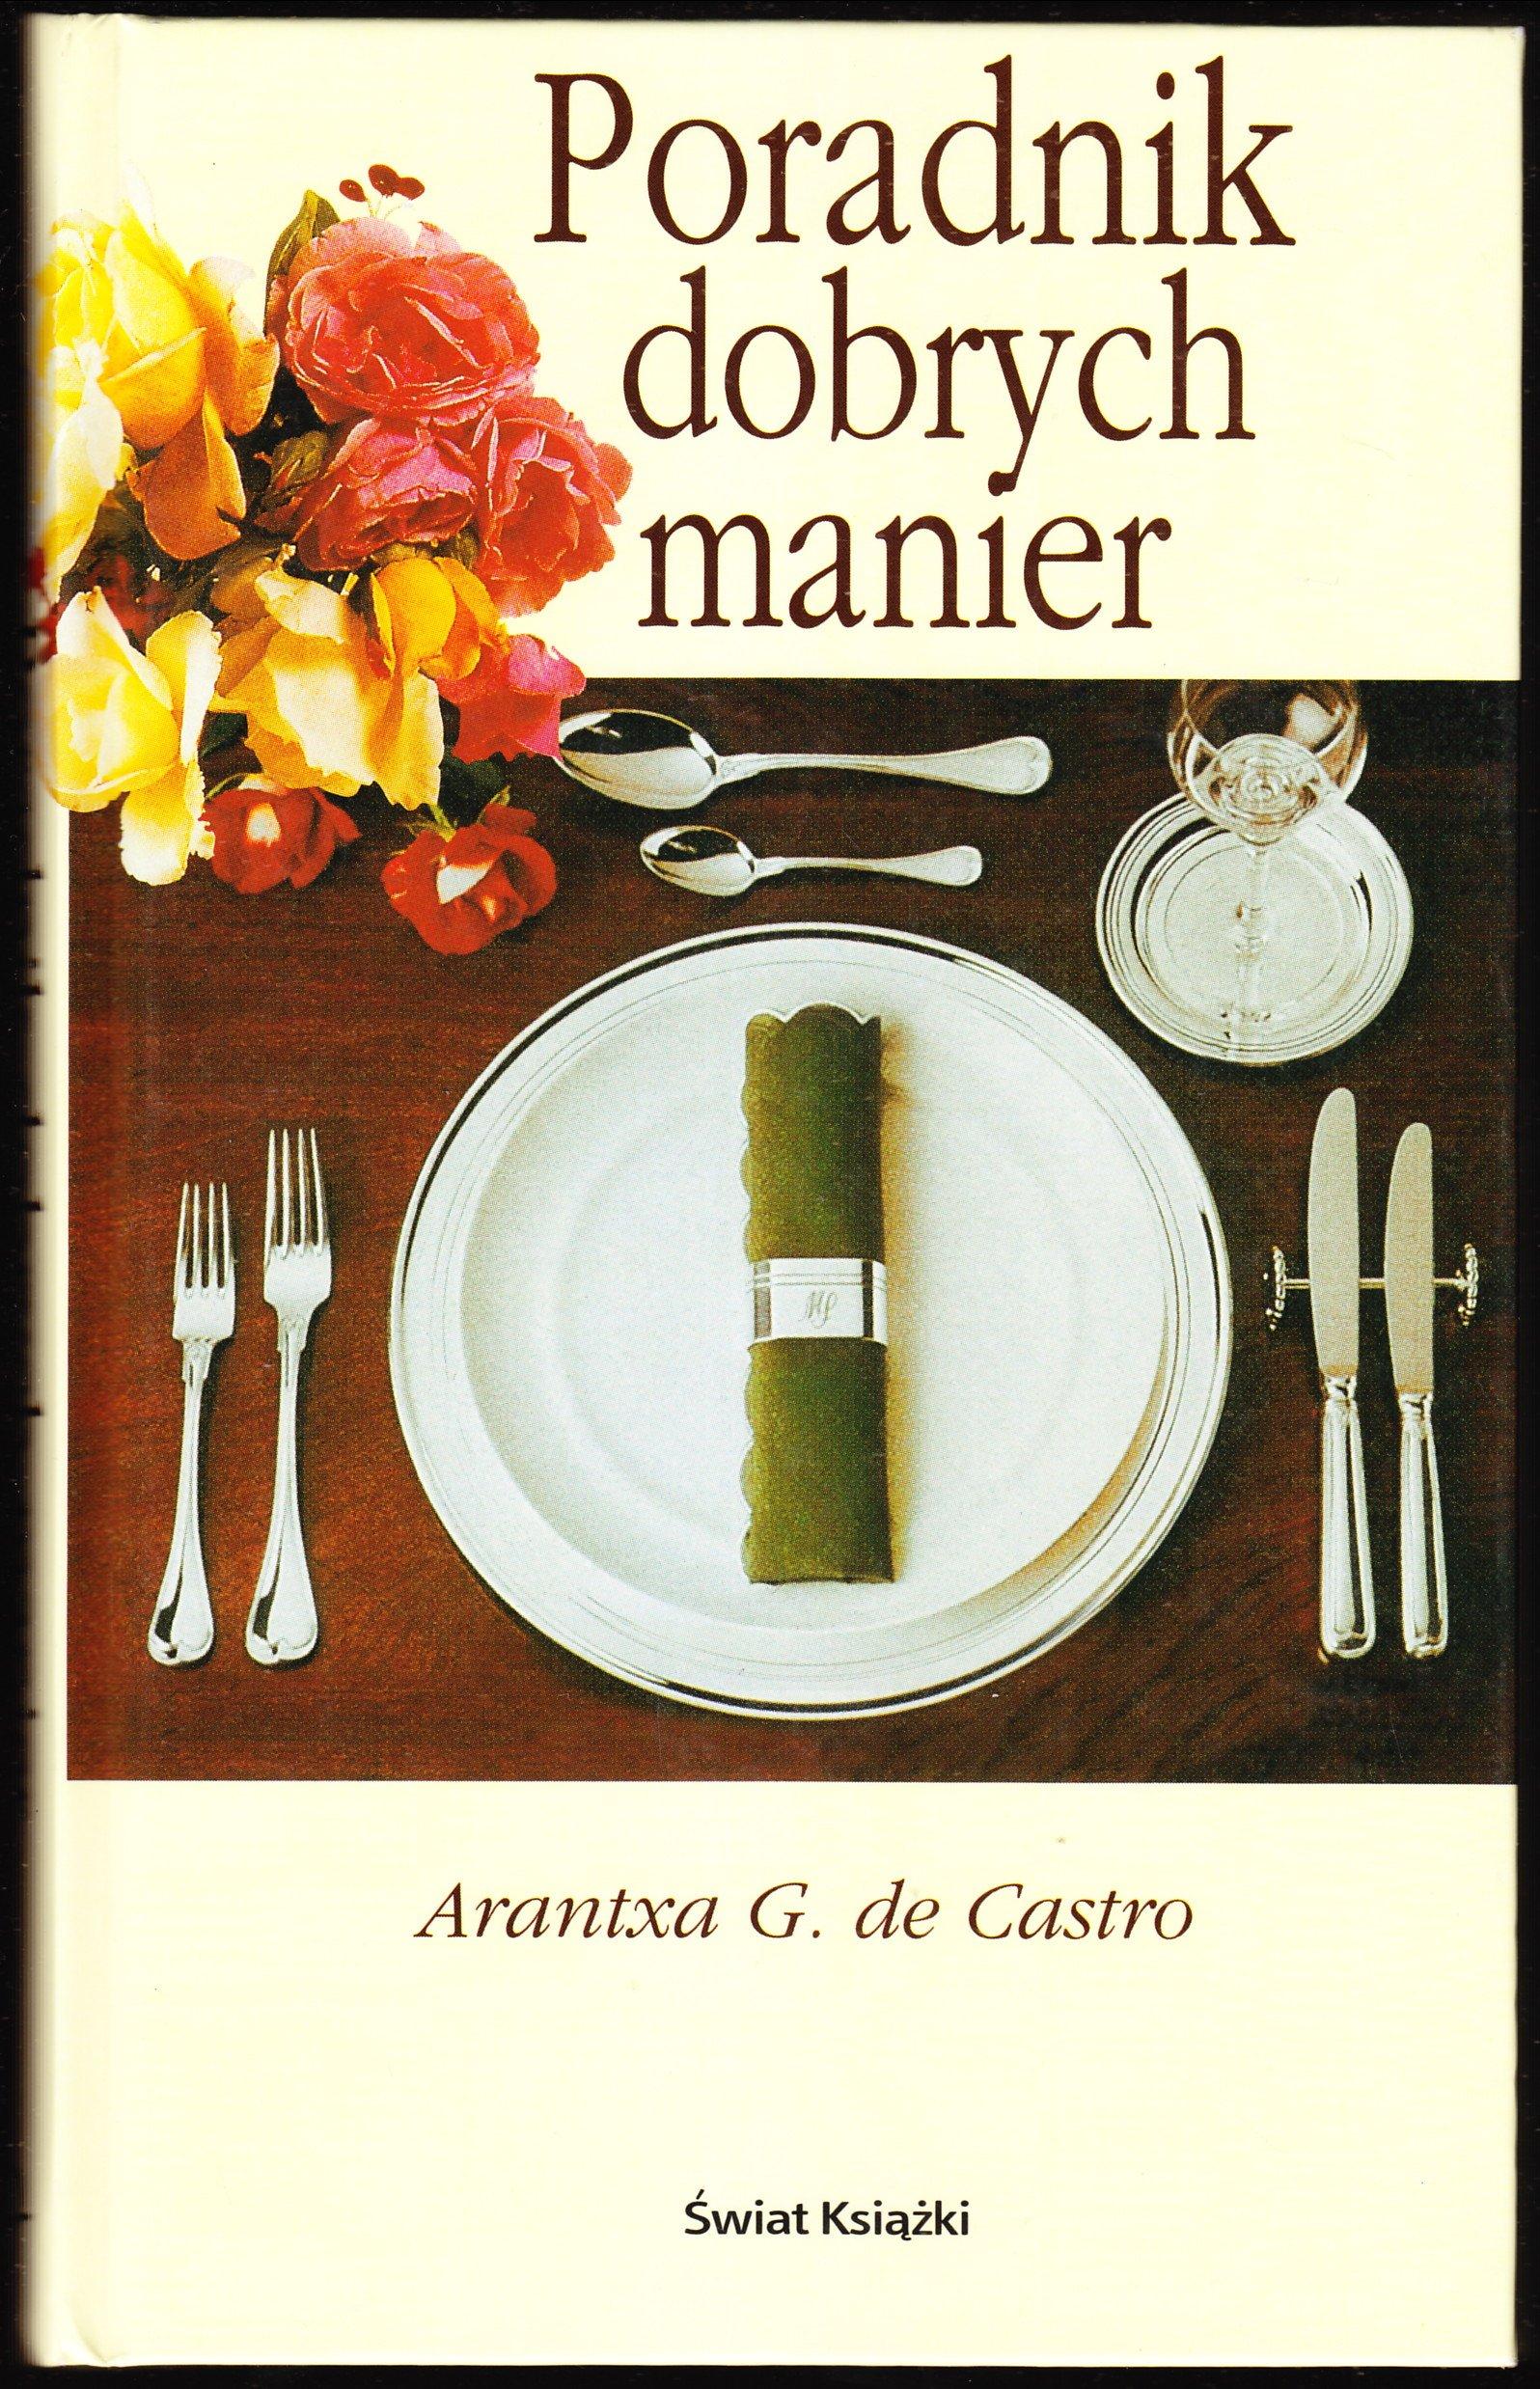 Znalezione obrazy dla zapytania Arantxa G. de Castro : Poradnik dobrych manier